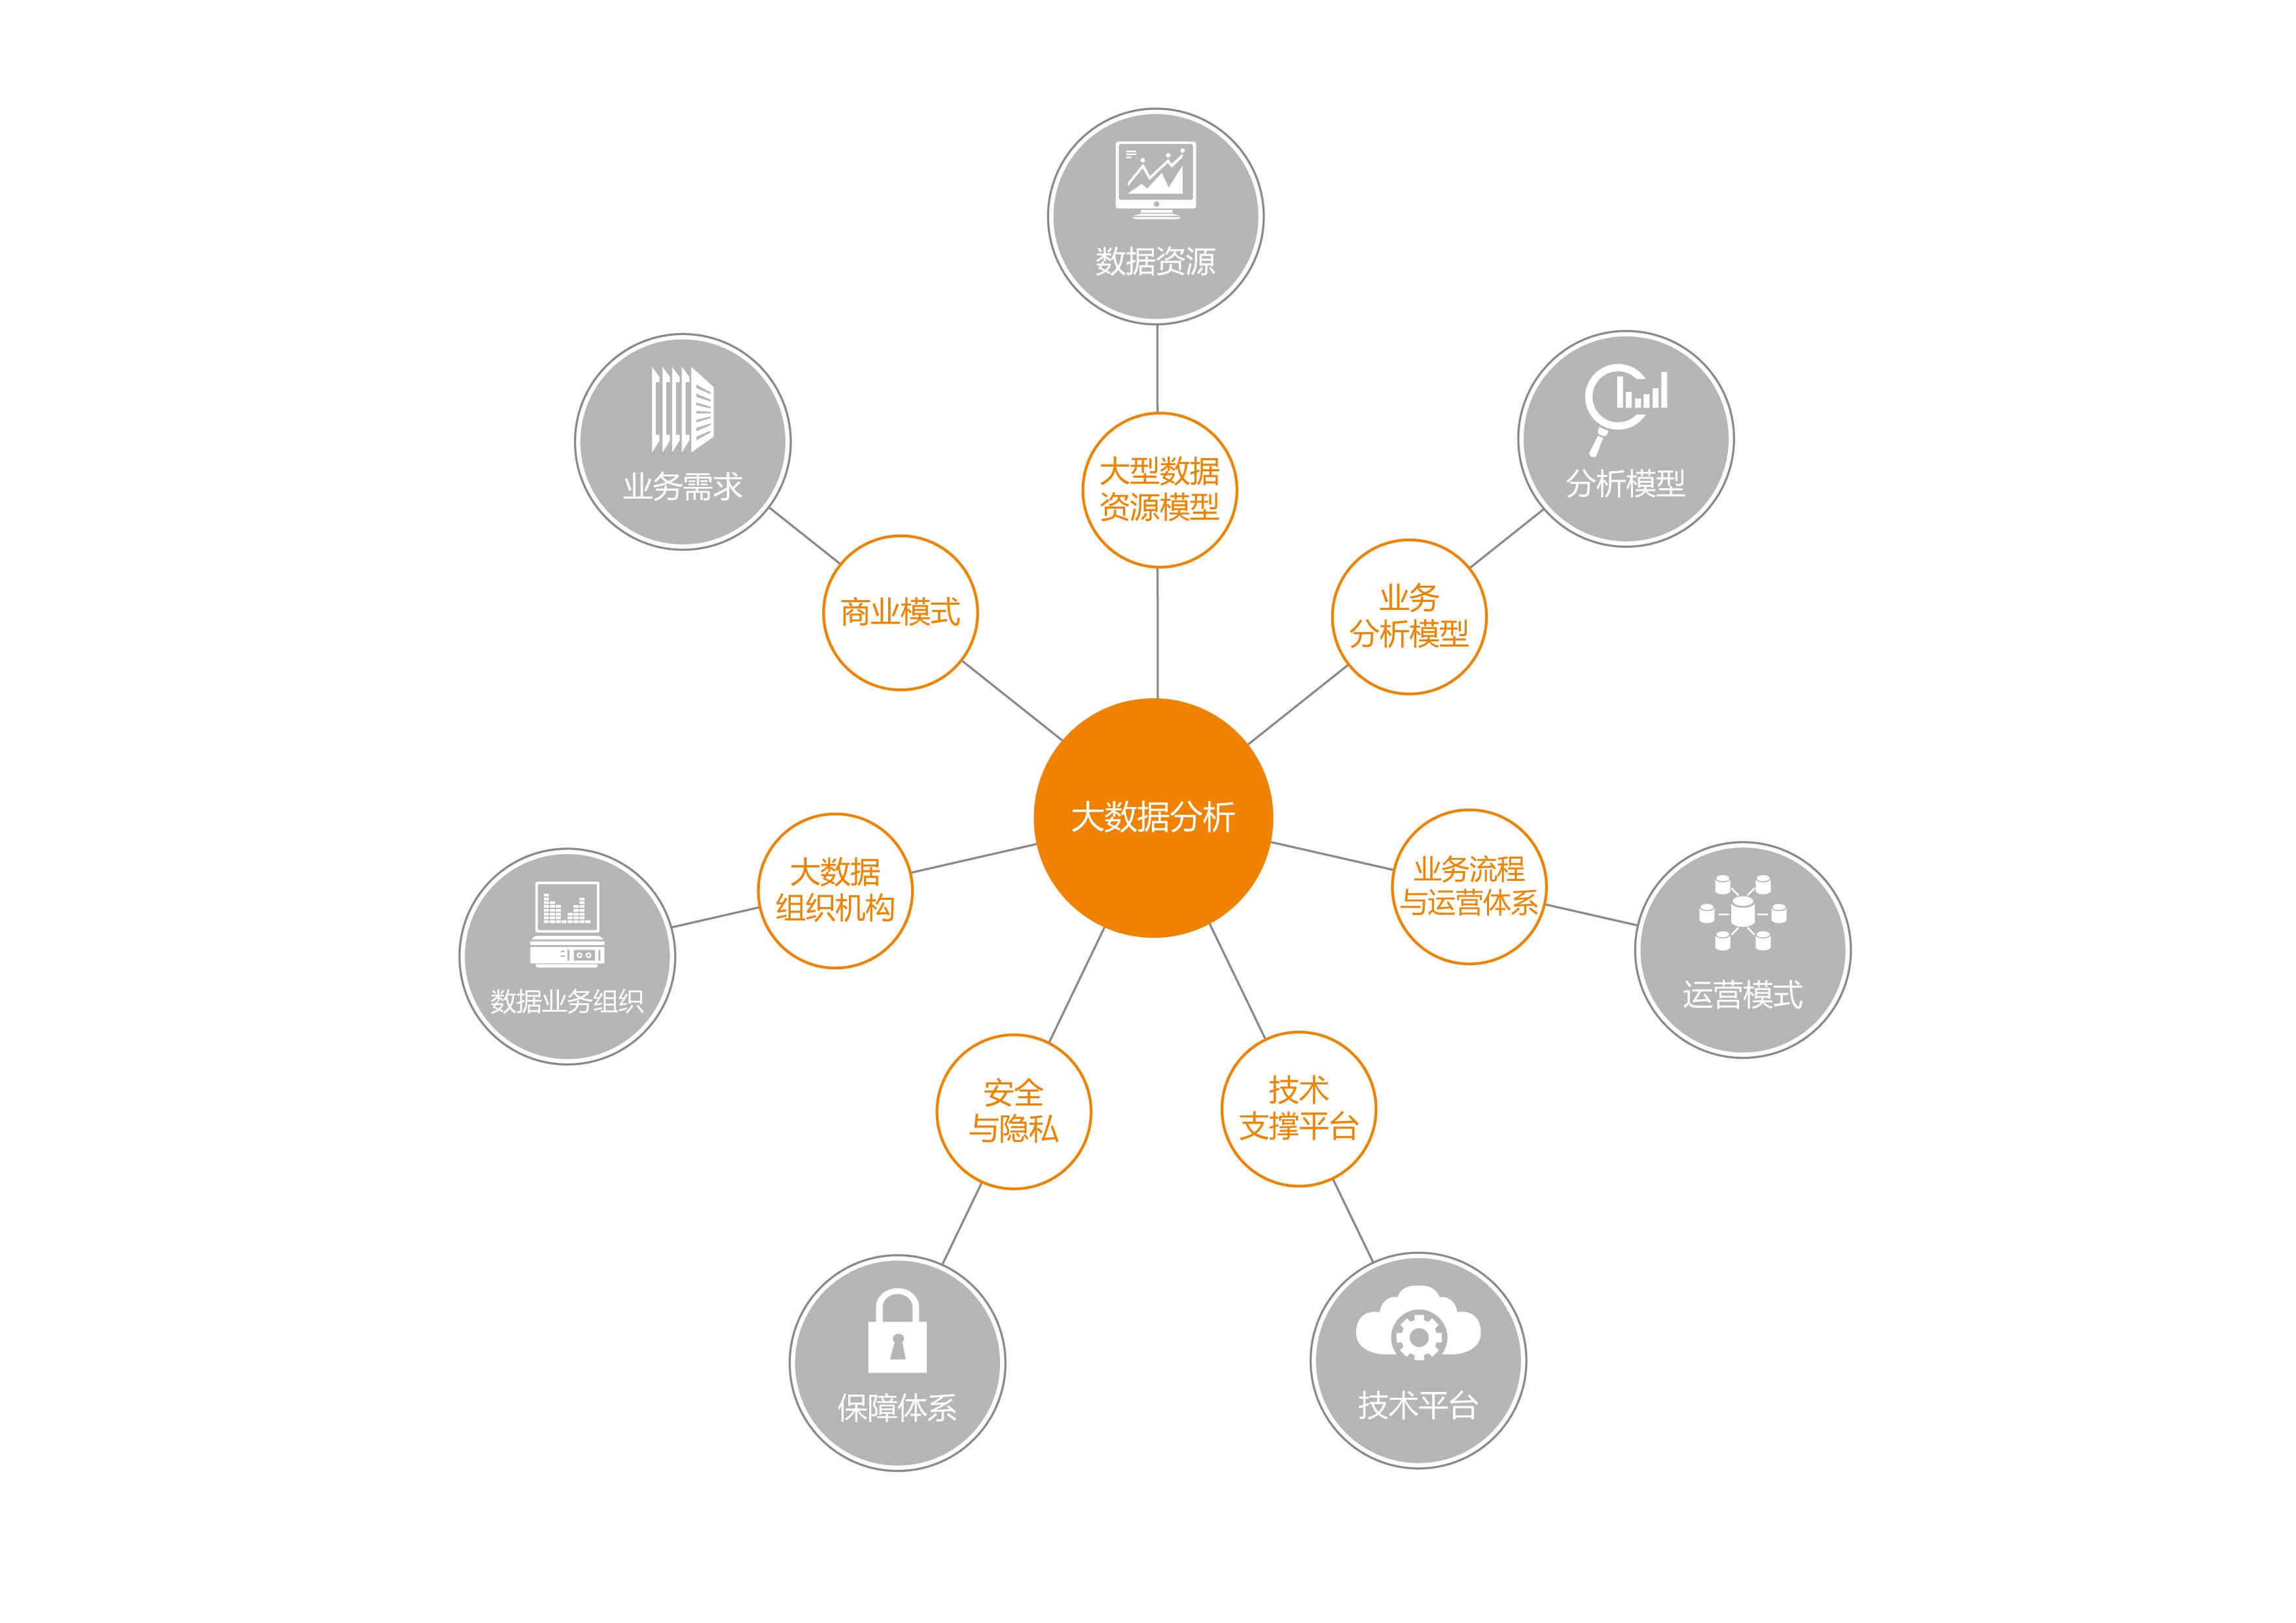 服务概述 大数据时代来临,数据将成为企业重要的资产,越来越多的企业更加重视大数据战略布局,建设企业统一的数据仓库或大数据平台,充分发掘数据价值,已成为企业胜出的关键。 企业实施信息化的路线遵循信息技术发展的路线,同时推动和完善信息技术的发展。企业的应用系统刚开始会以部门为单位,在其需求基础上设计和完成部门核心业务的数据库系统,如财务、销售及库存等系统或者需要实时抓取互联网上的数据时。当发现这些分散的业务数据库仍不能满足企业对信息获取的需求时,就迫切的需要实施一个全企业范围内覆盖各业务部门的企业级数据(仓)